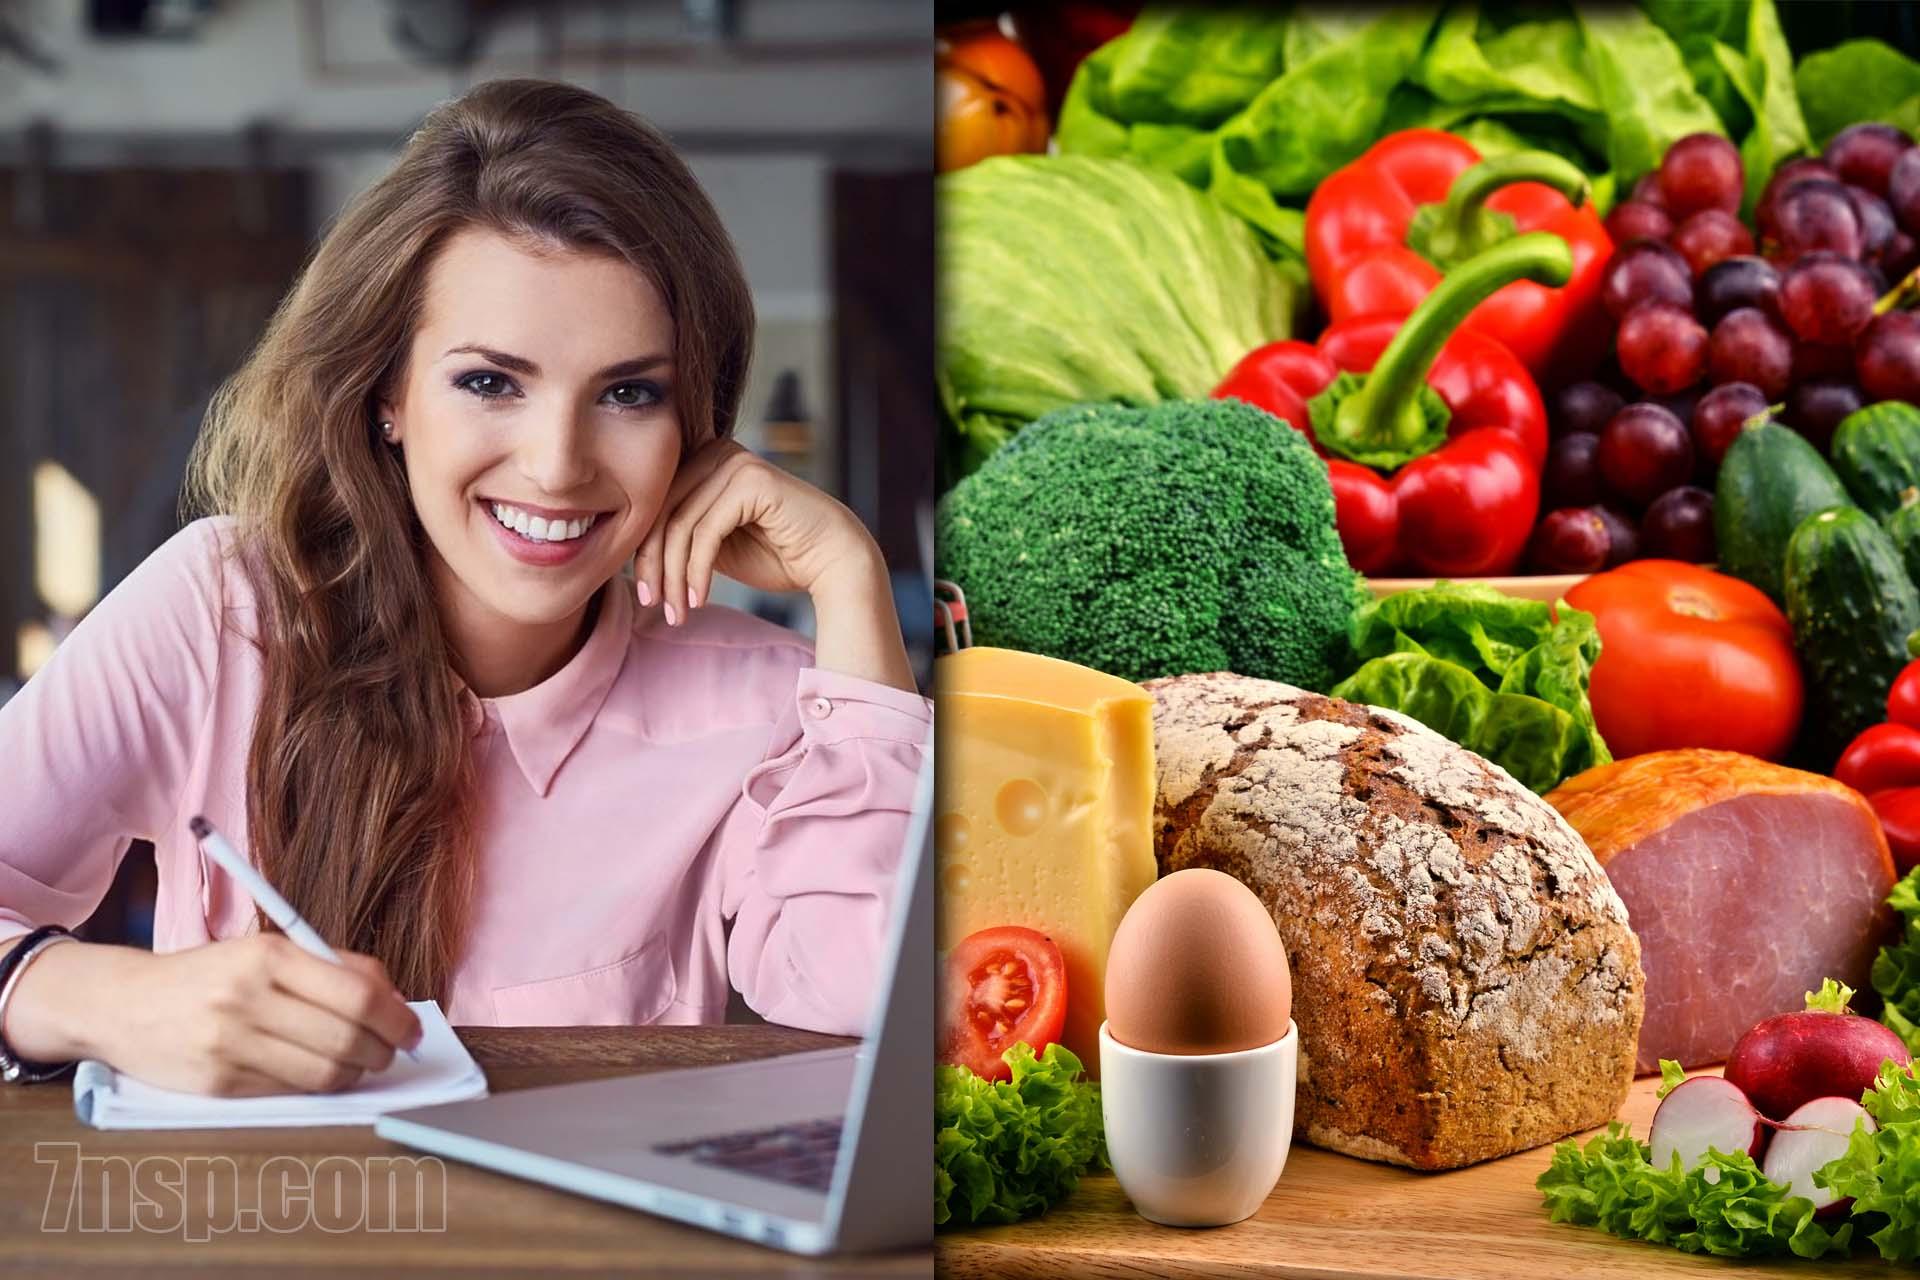 Дневник (журнал) питания для правильного похудения, образец дневника